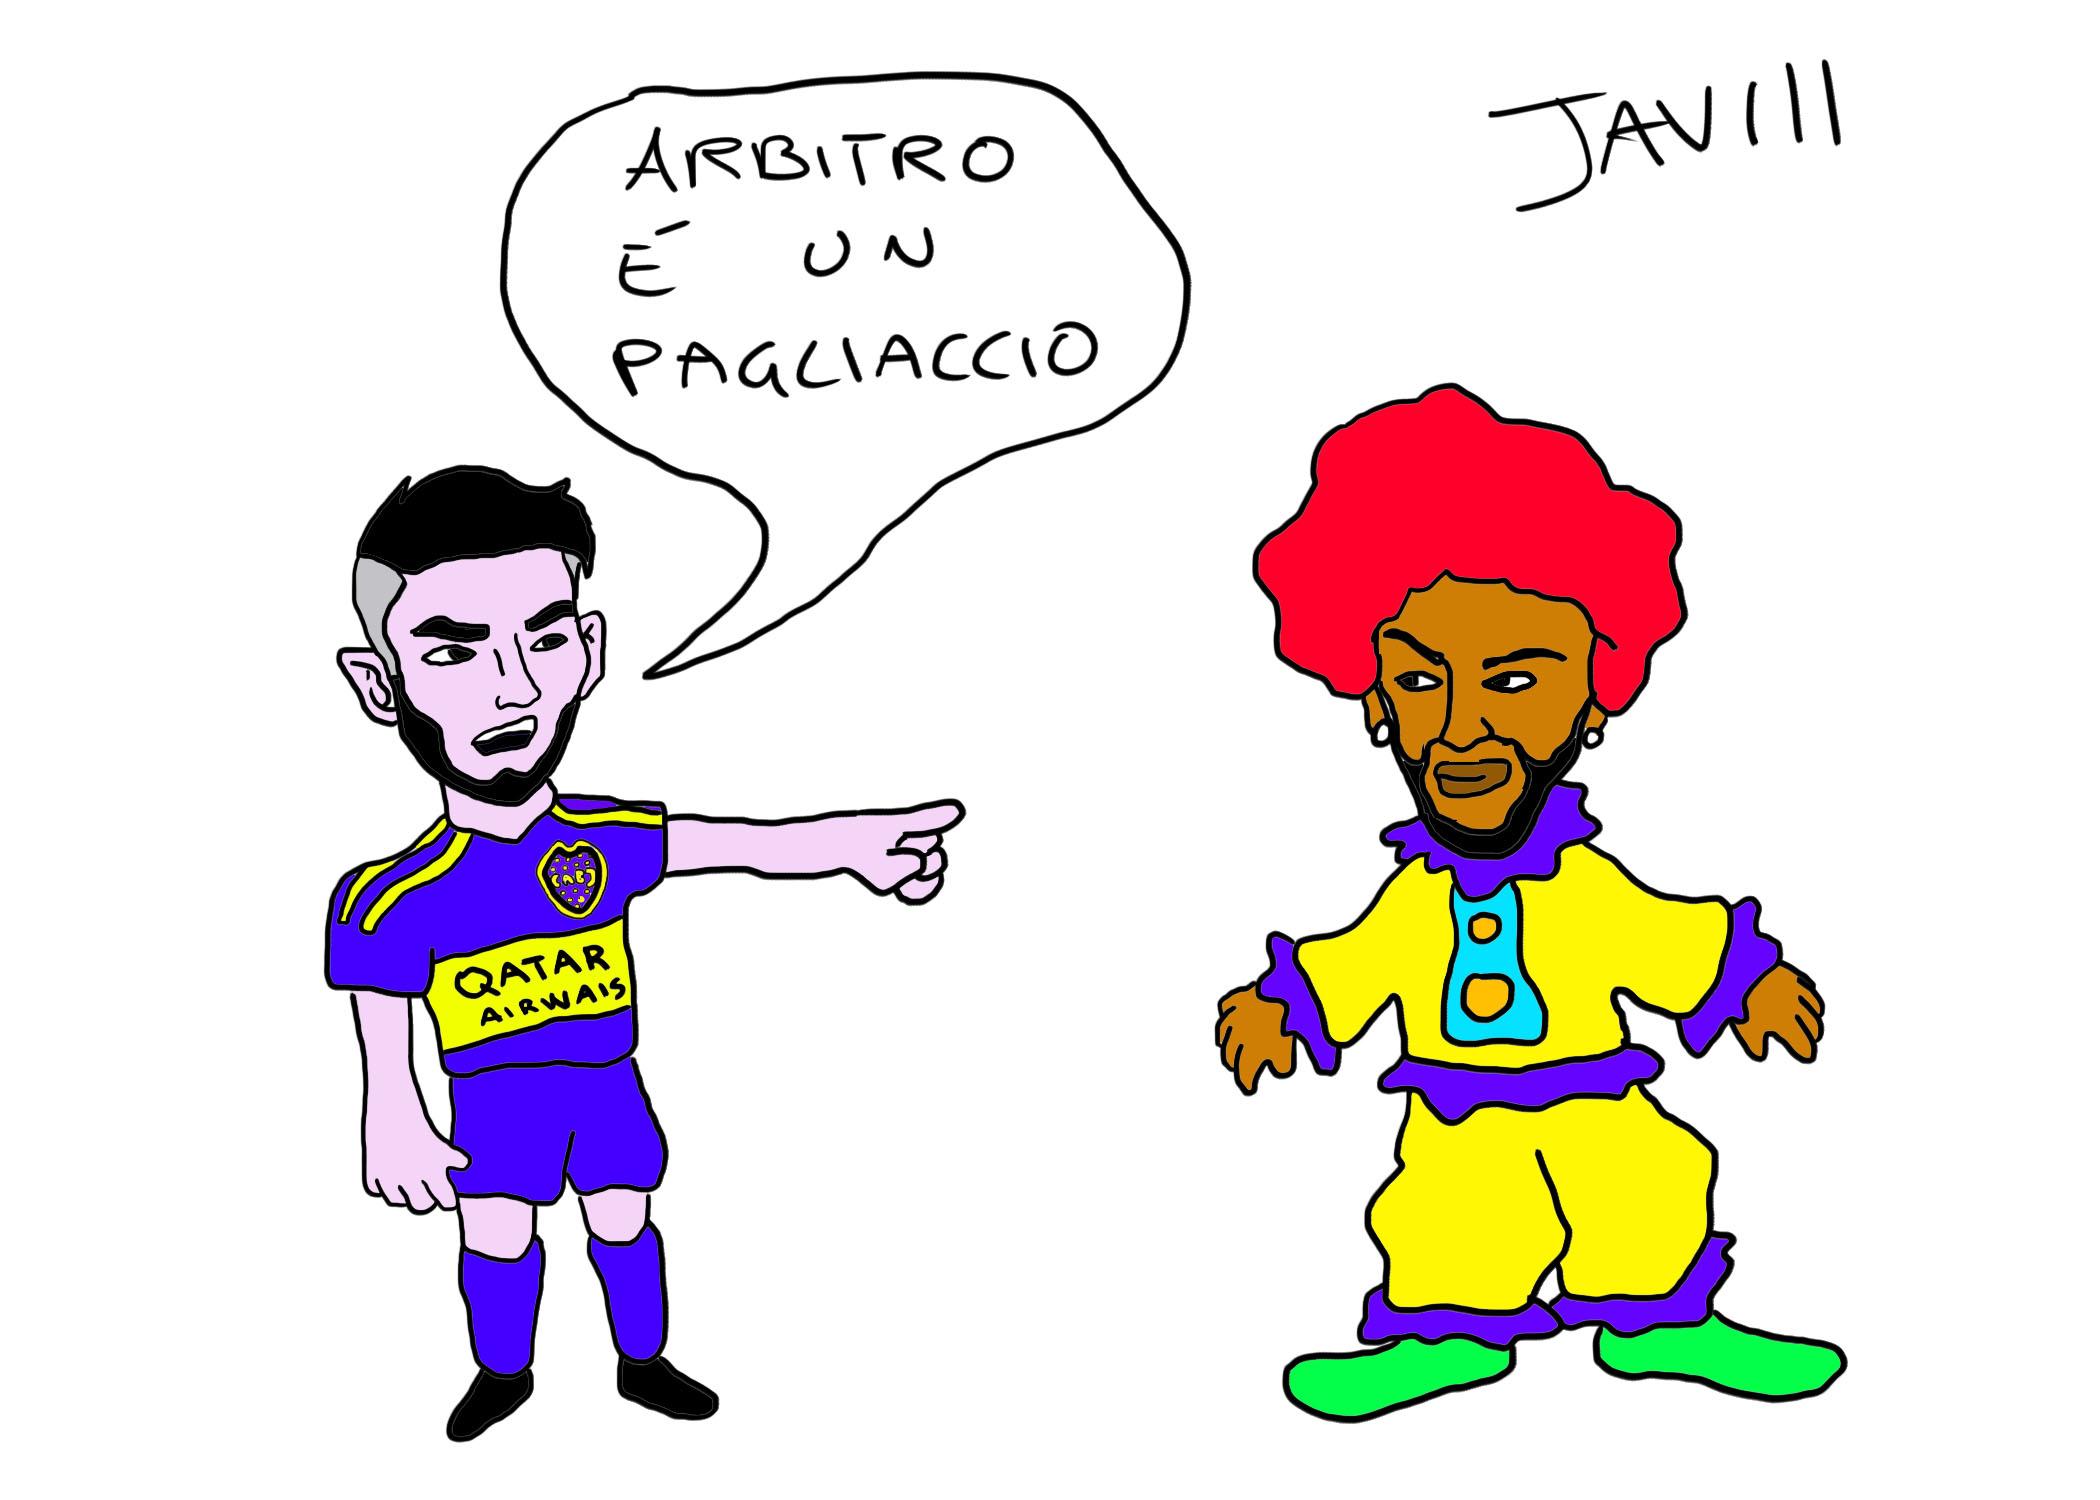 Zambrano accuse a Neymar E' un pagliaccio (2)